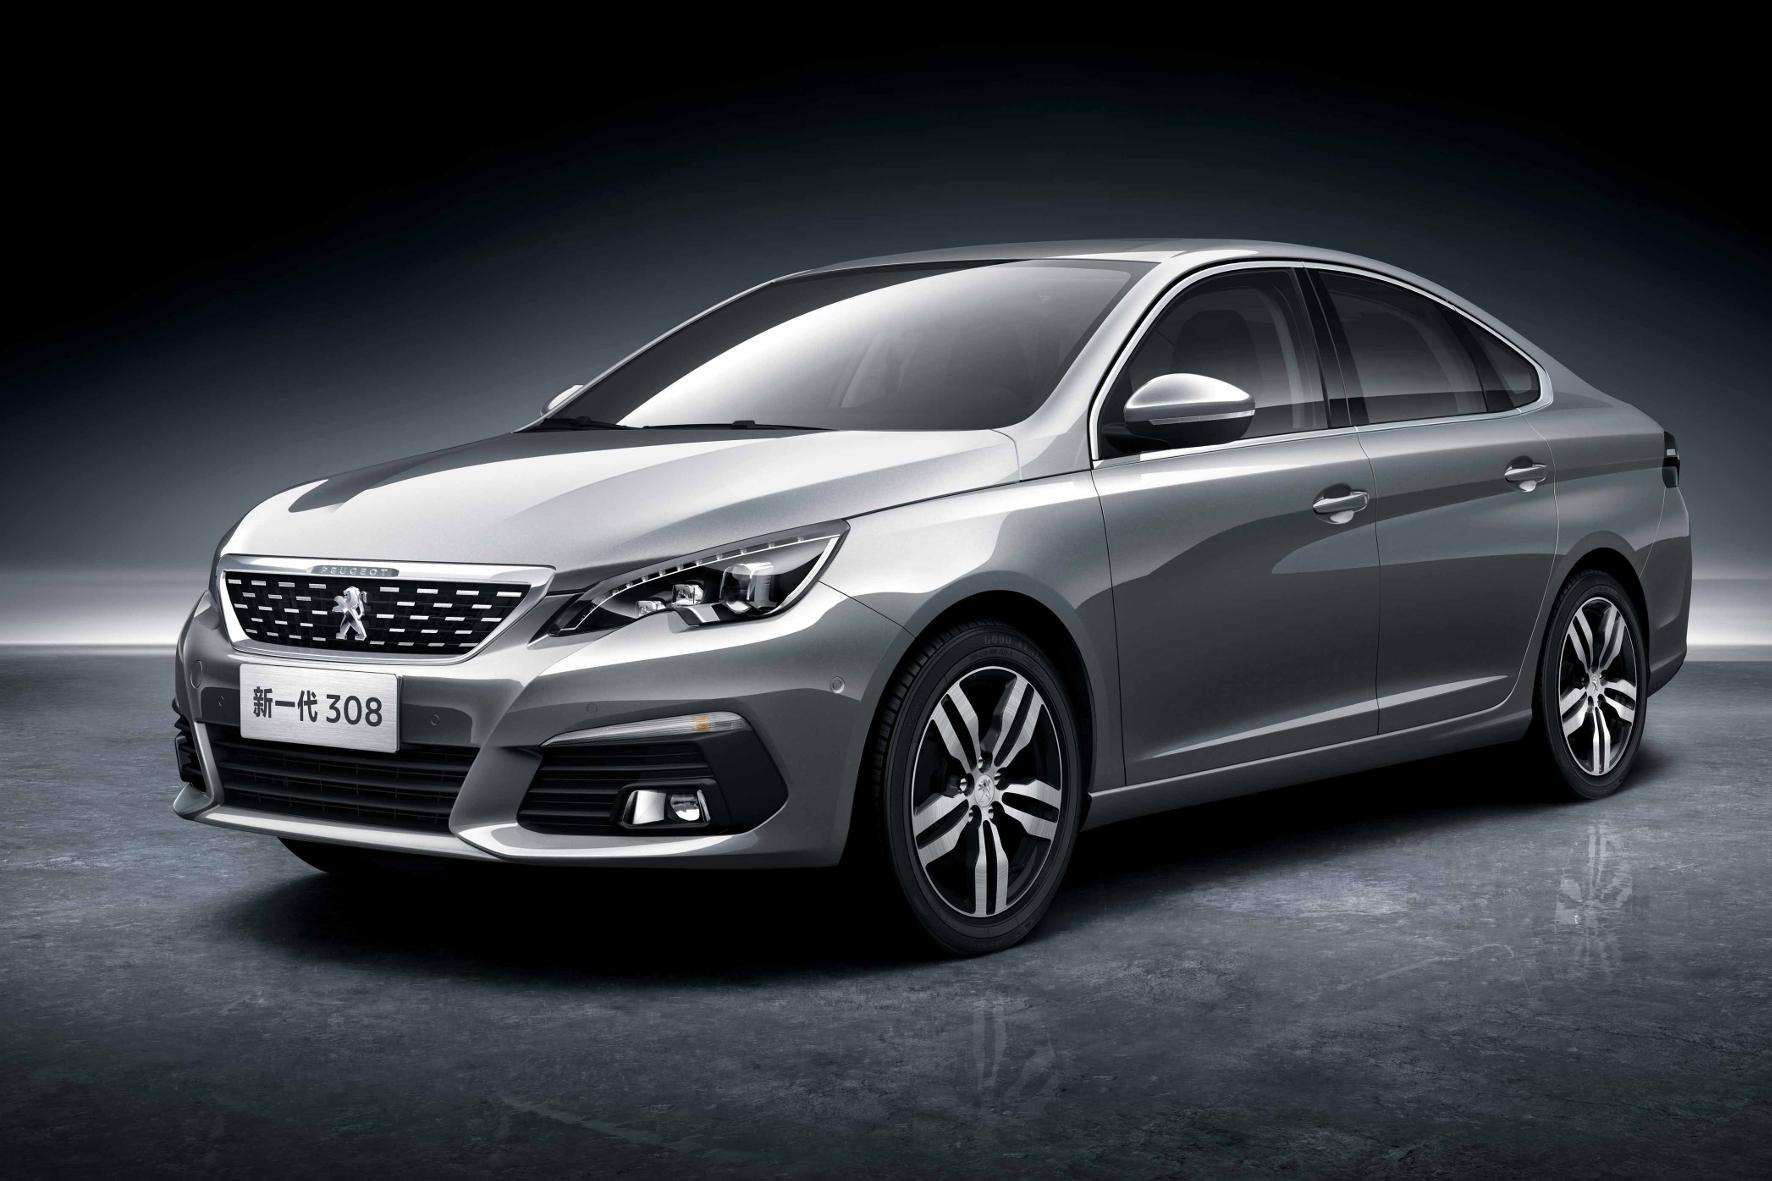 mid Groß-Gerau - Weltpremiere für das wichtigste Peugeot-Modell in China: der 308 als Stufenheck-Limousine.